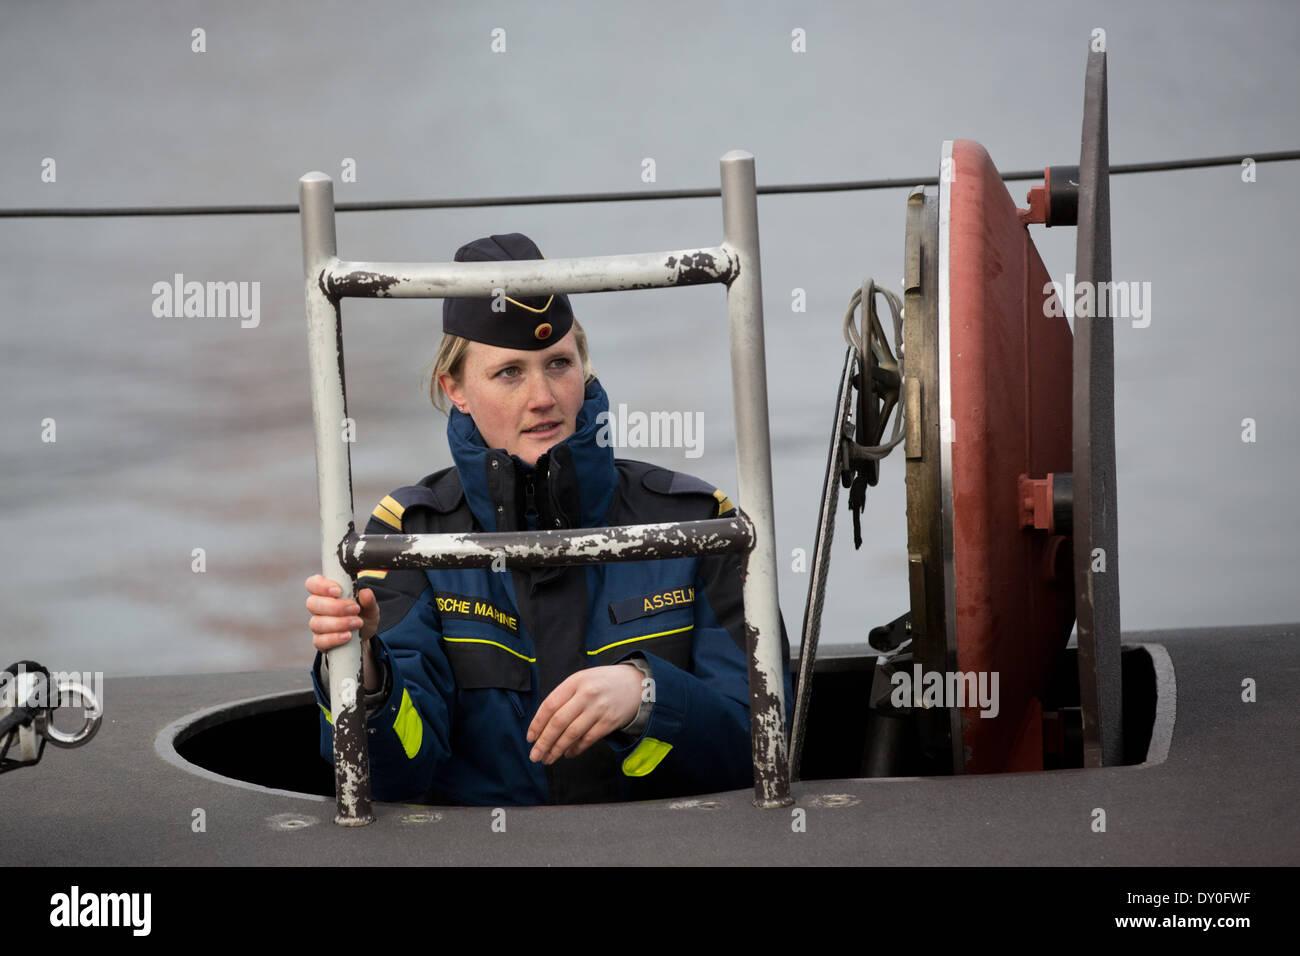 Eckernfoerde, Alemania. 02Nd Abr, 2014. El Teniente Janine Asseln va a bordo del submarino U-32 en el puerto de la Base Naval en Eckernfoerde, Alemania, 02 de abril de 2014. Los 27 años de edad es Alemania la primera mujer oficial del reloj a bordo de un submarino, y ha sido miembro de la tripulación de Delta submarineros desde enero de 2014. Foto: Christian Charisius/dpa/Alamy Live News Imagen De Stock